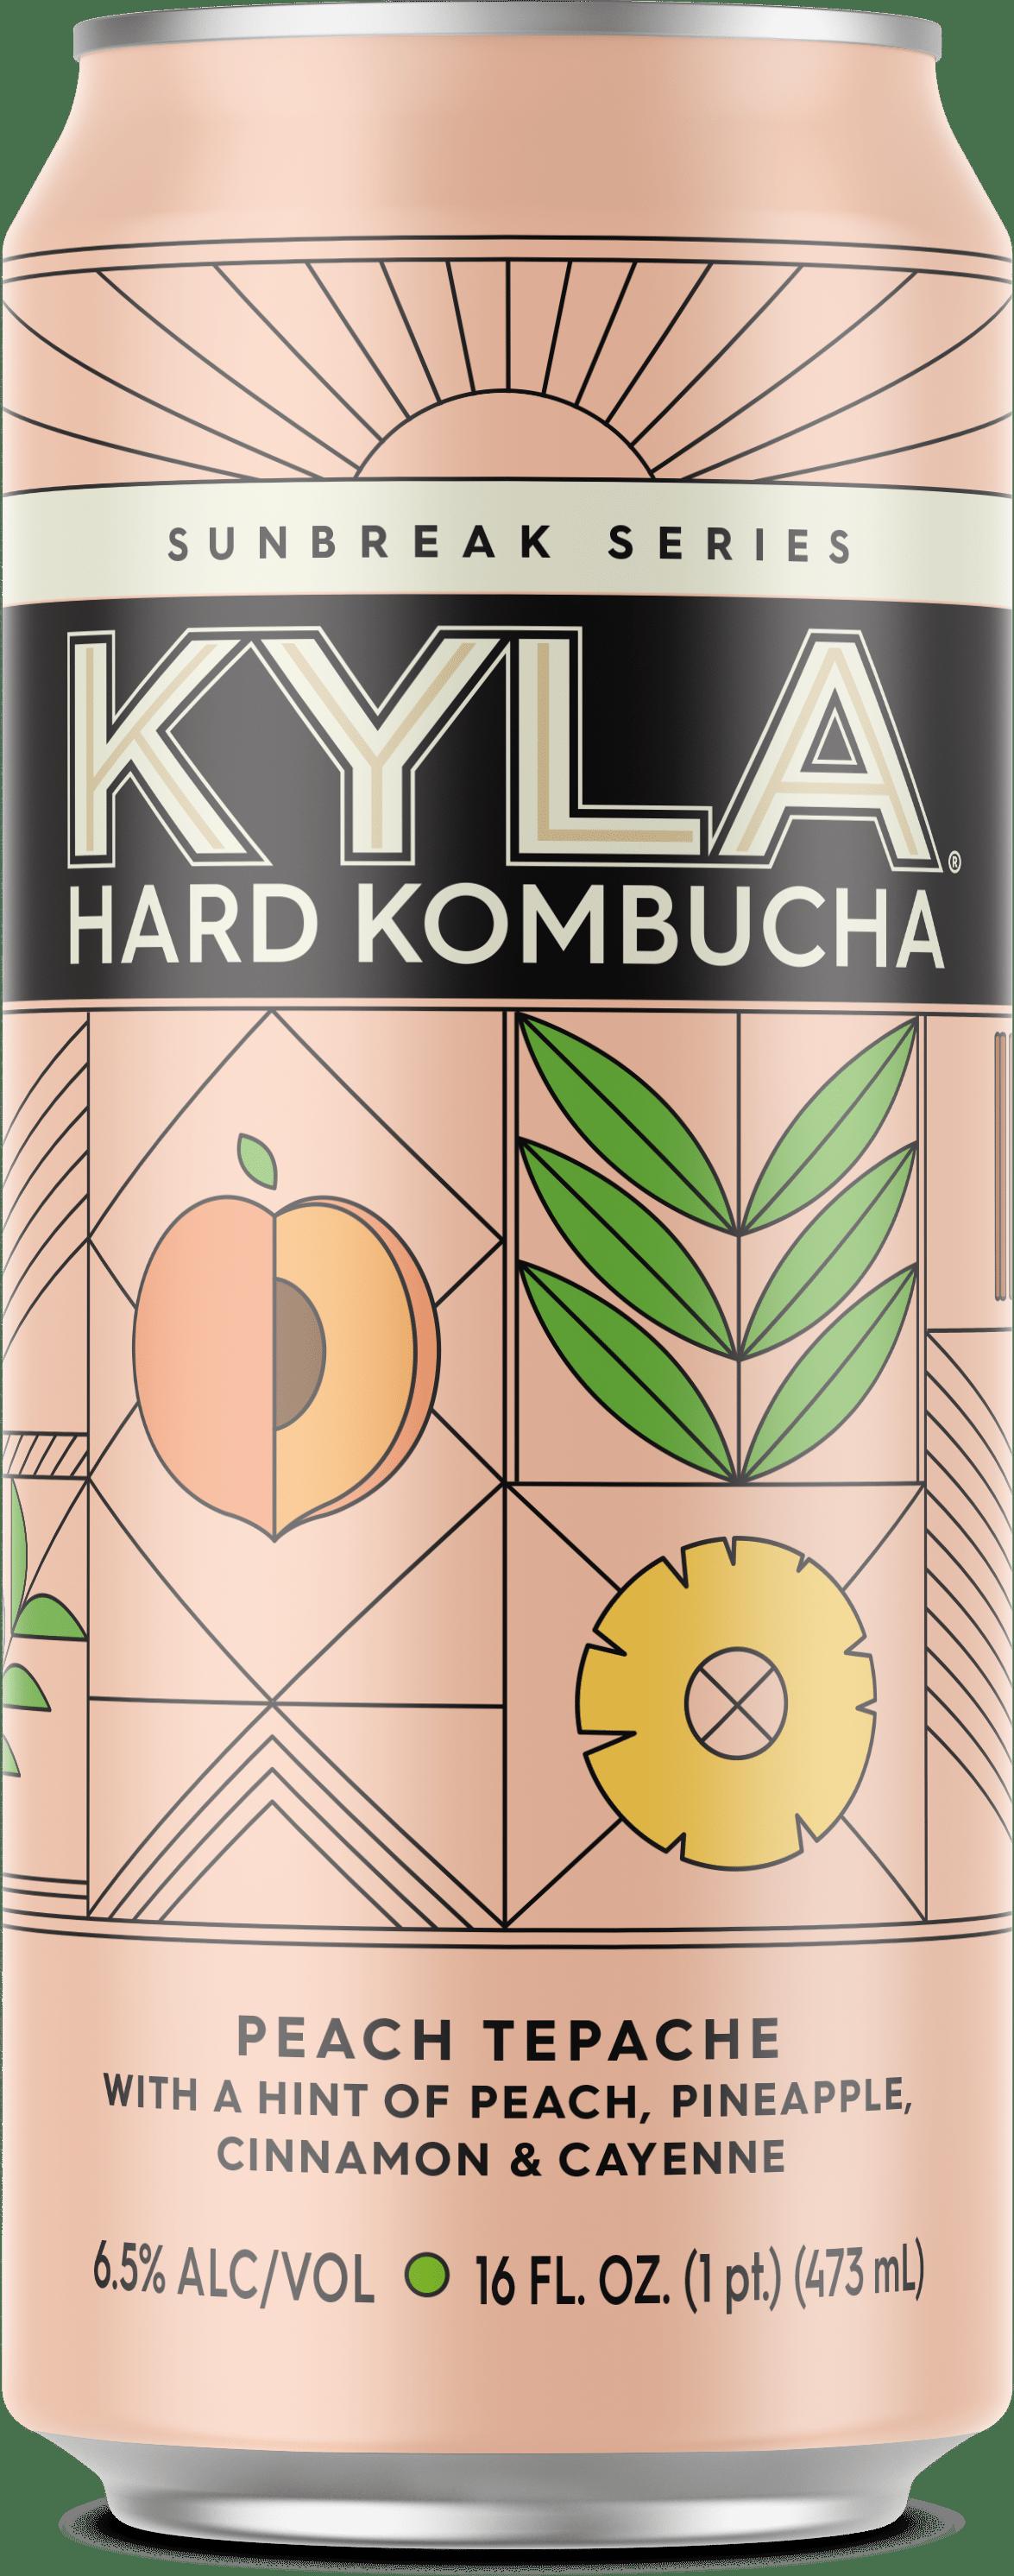 Peach Tepache